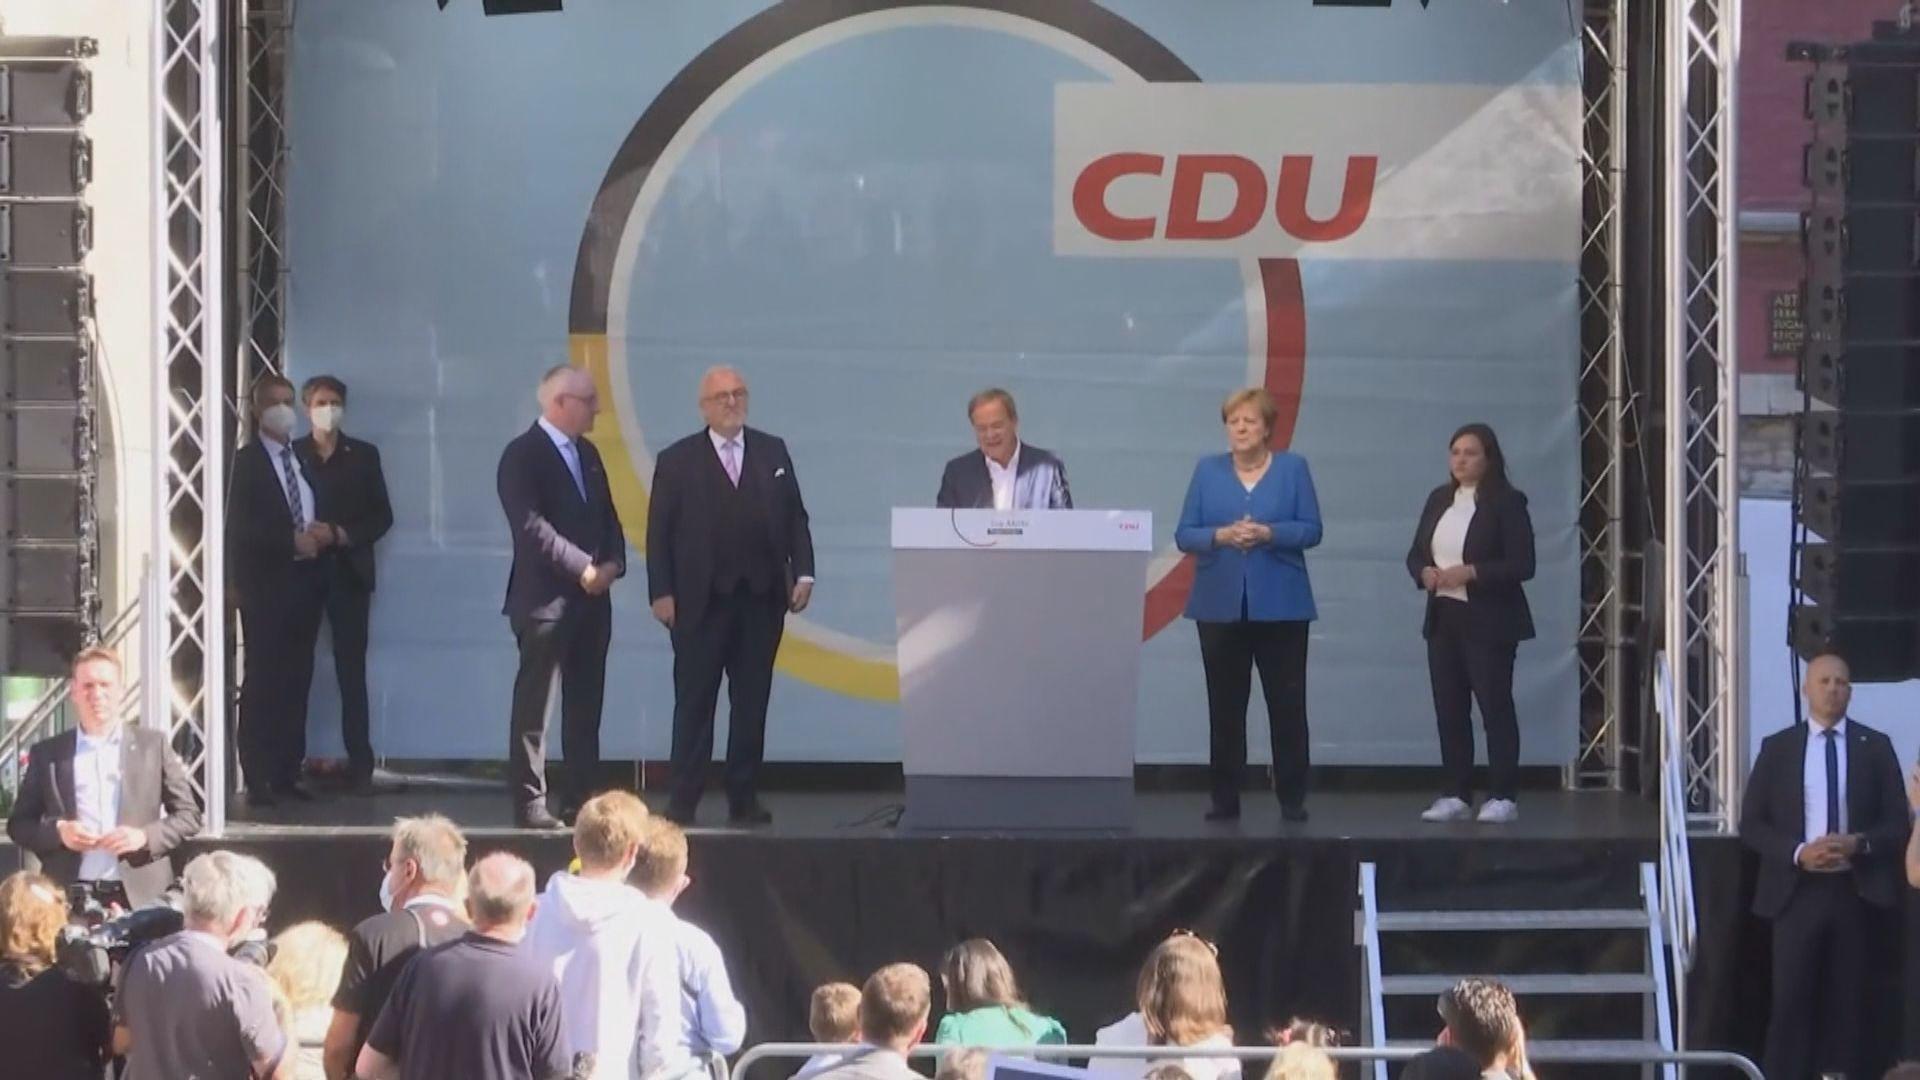 德國大選今日舉行 各政黨把握最後機會拉票